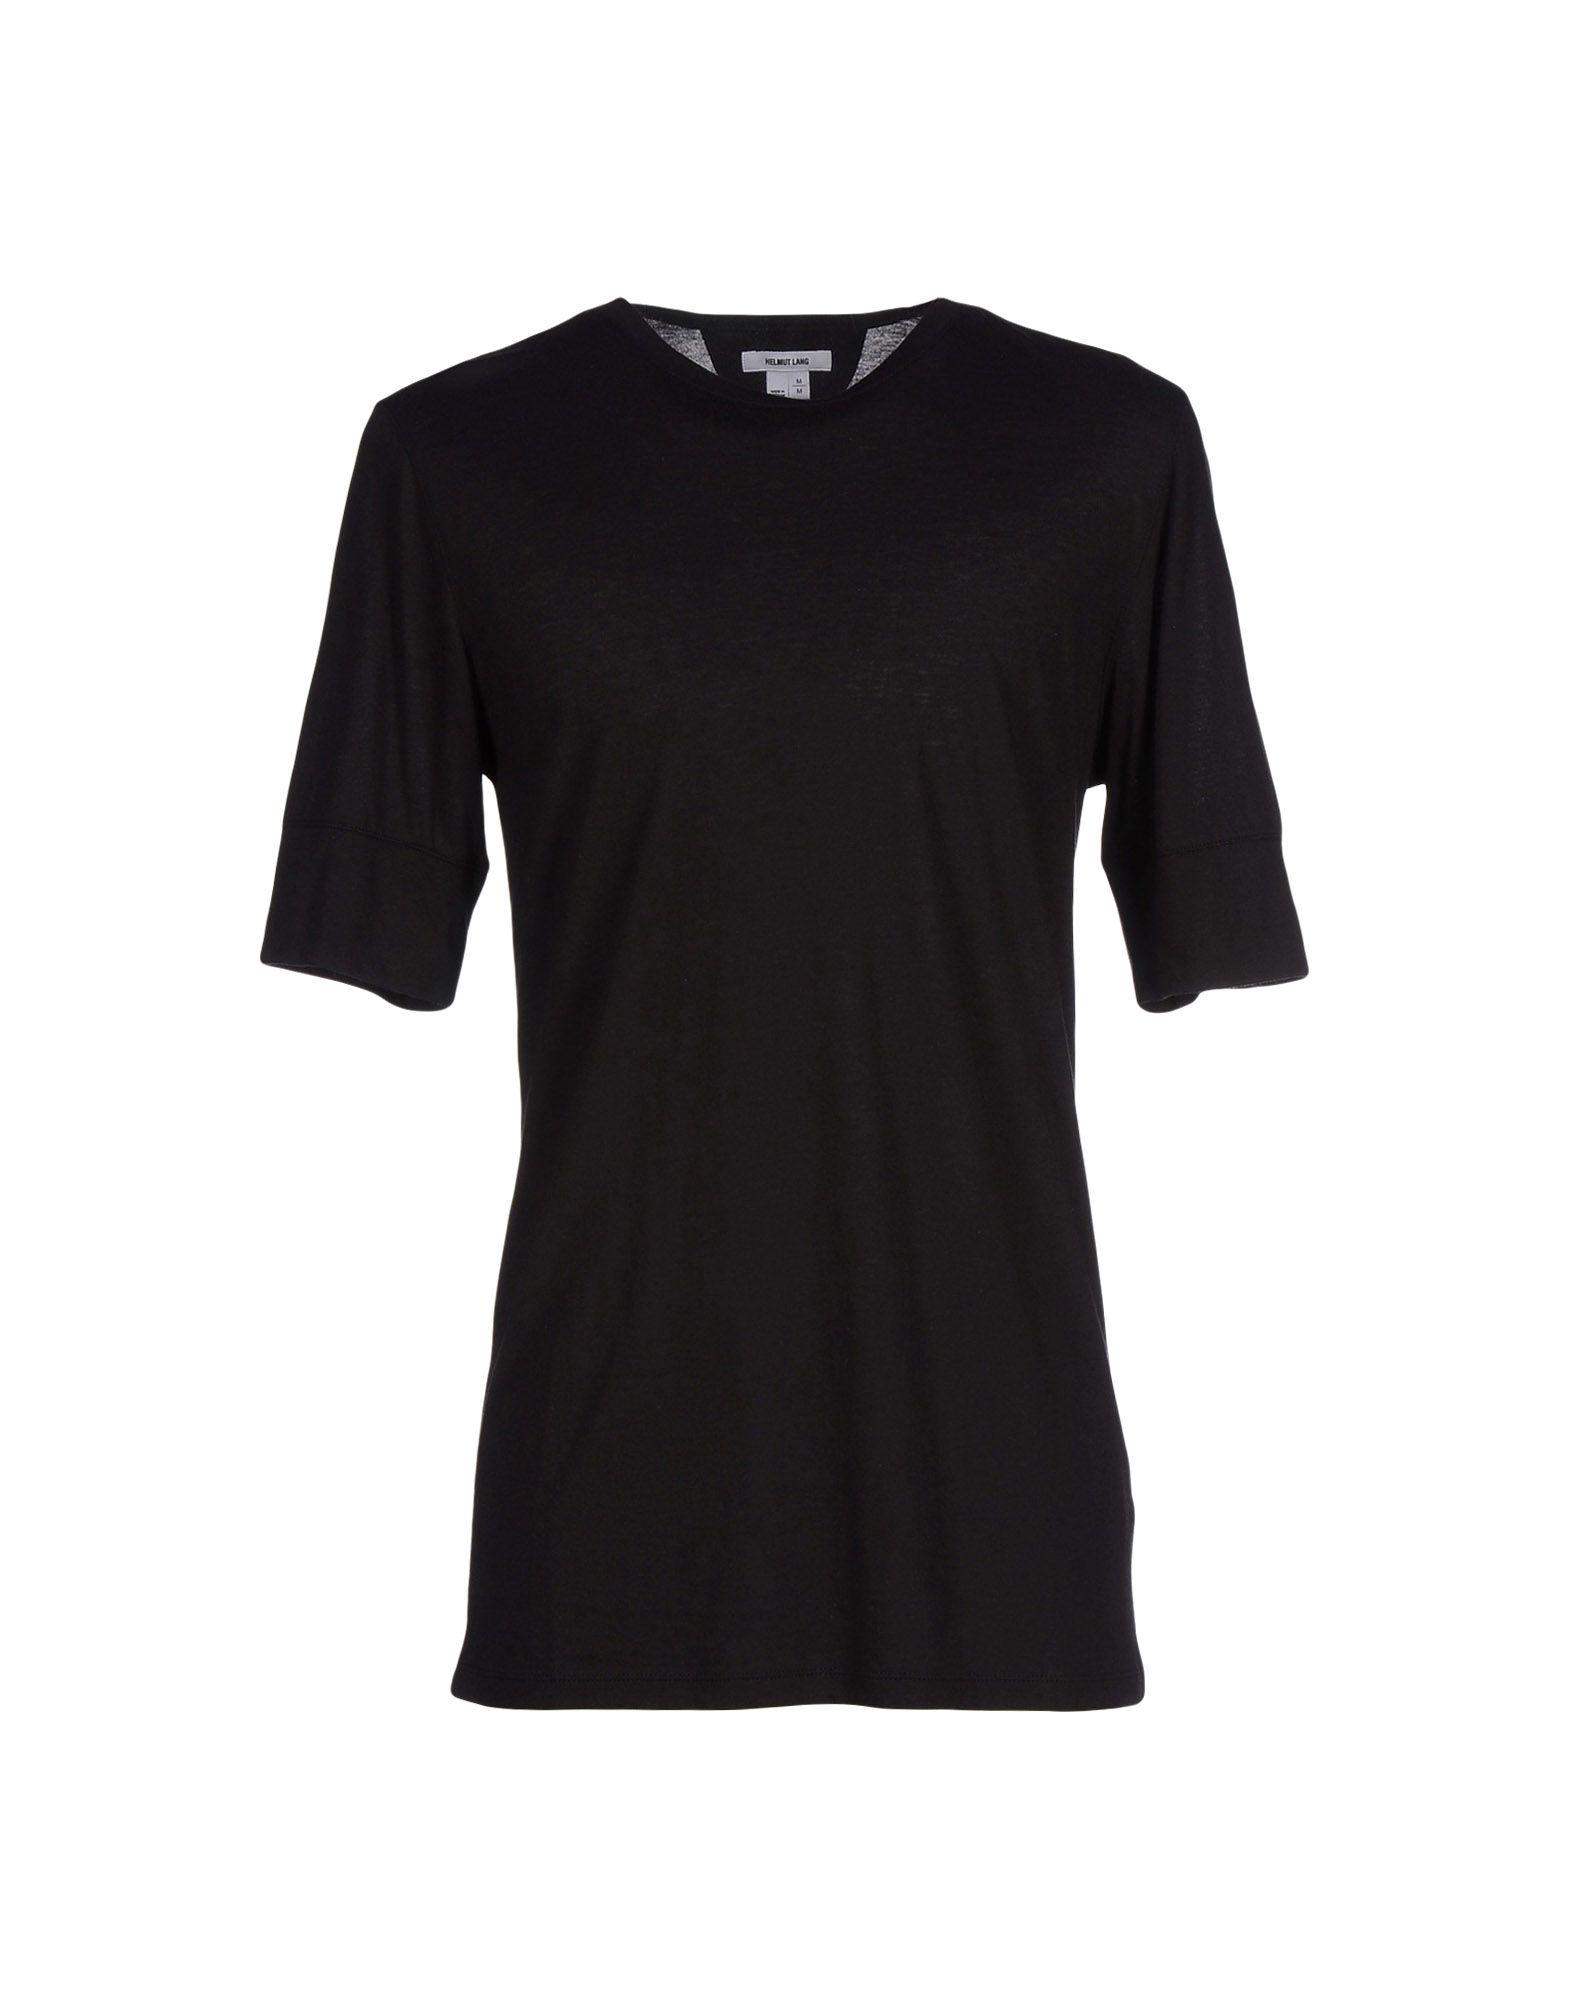 lyst helmut lang t shirt in black for men. Black Bedroom Furniture Sets. Home Design Ideas